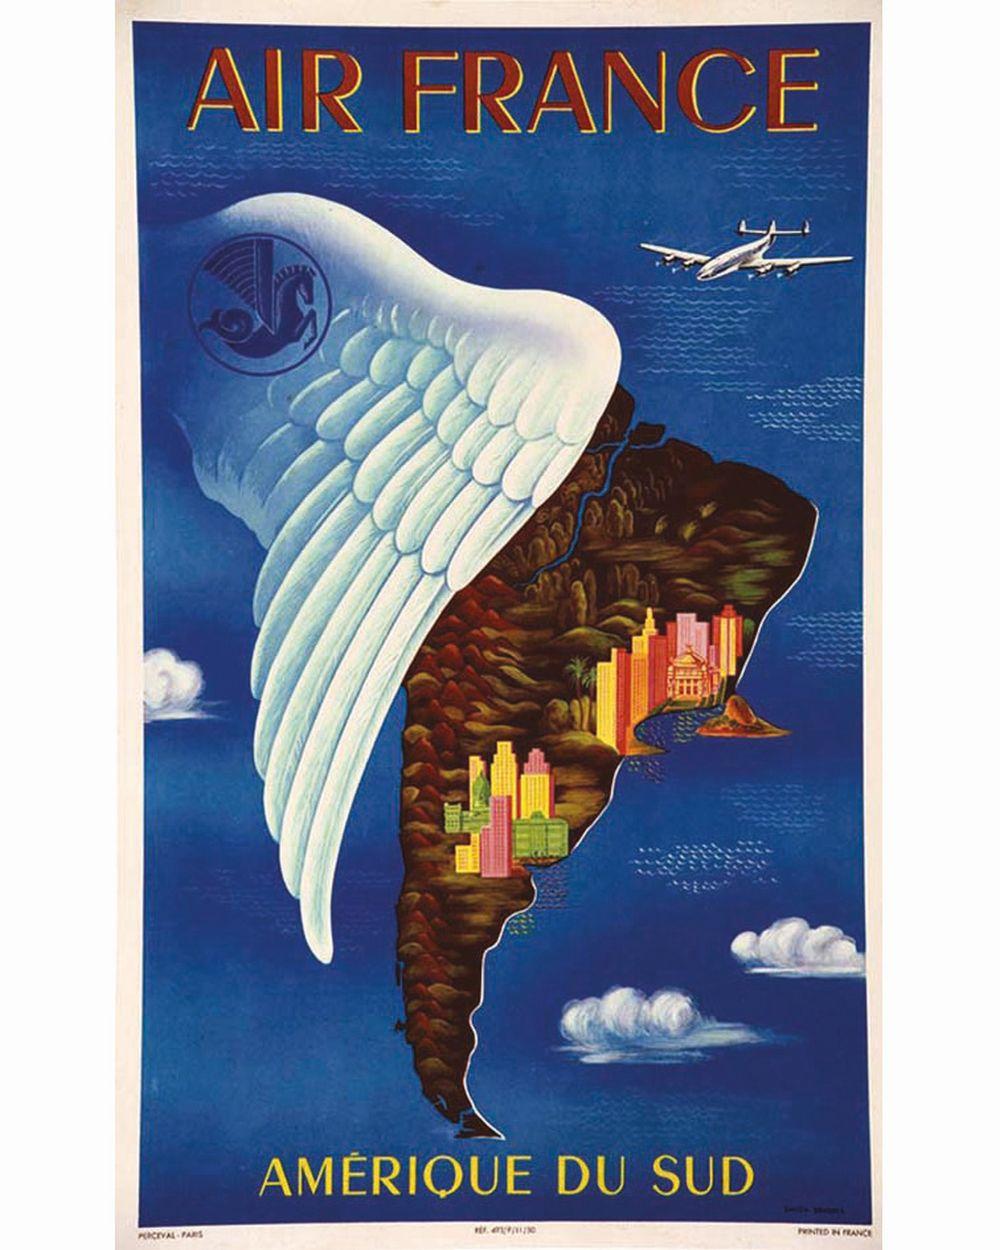 BOUCHER LUCIEN - Rio - Buenos Aires Amérique du Sud - Air France     1950